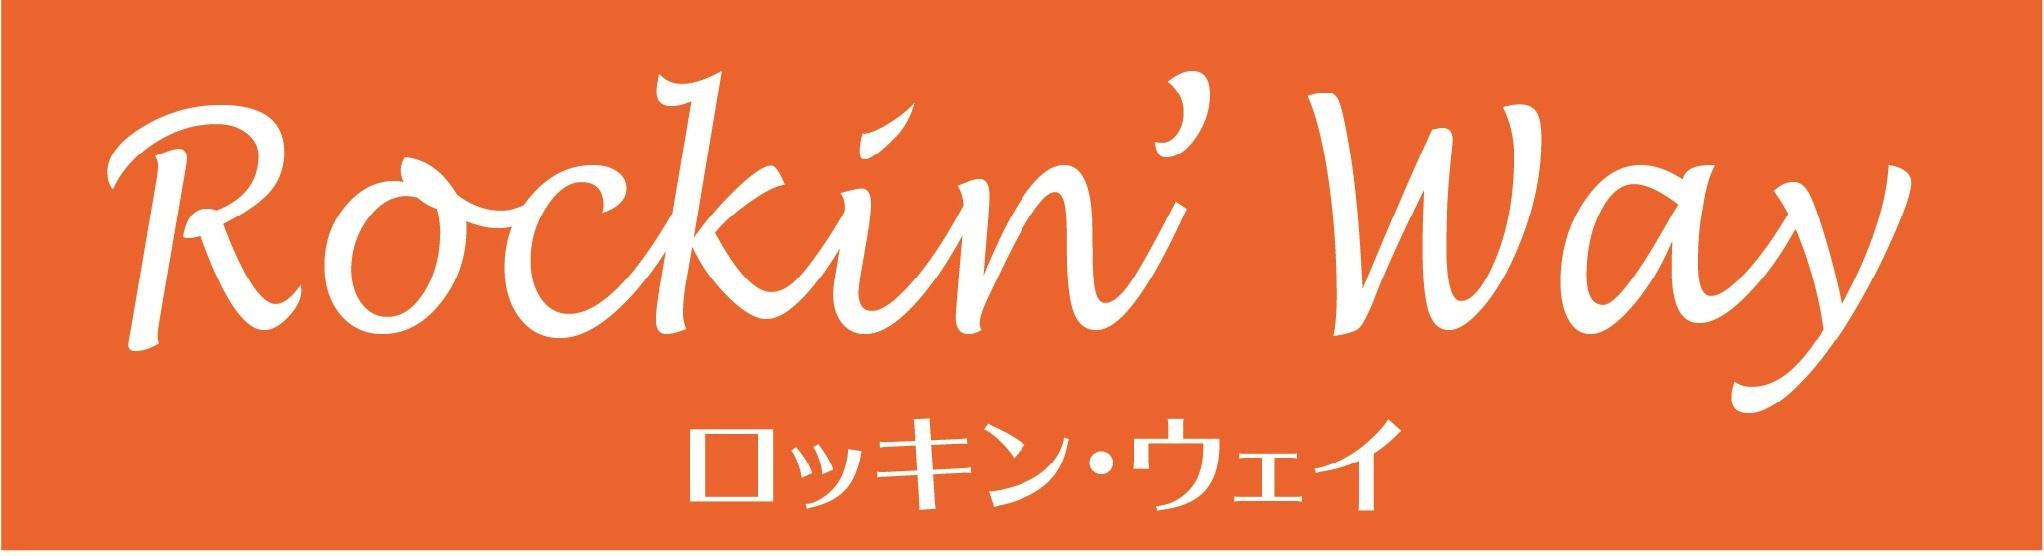 logo_rw_bn_or.jpg